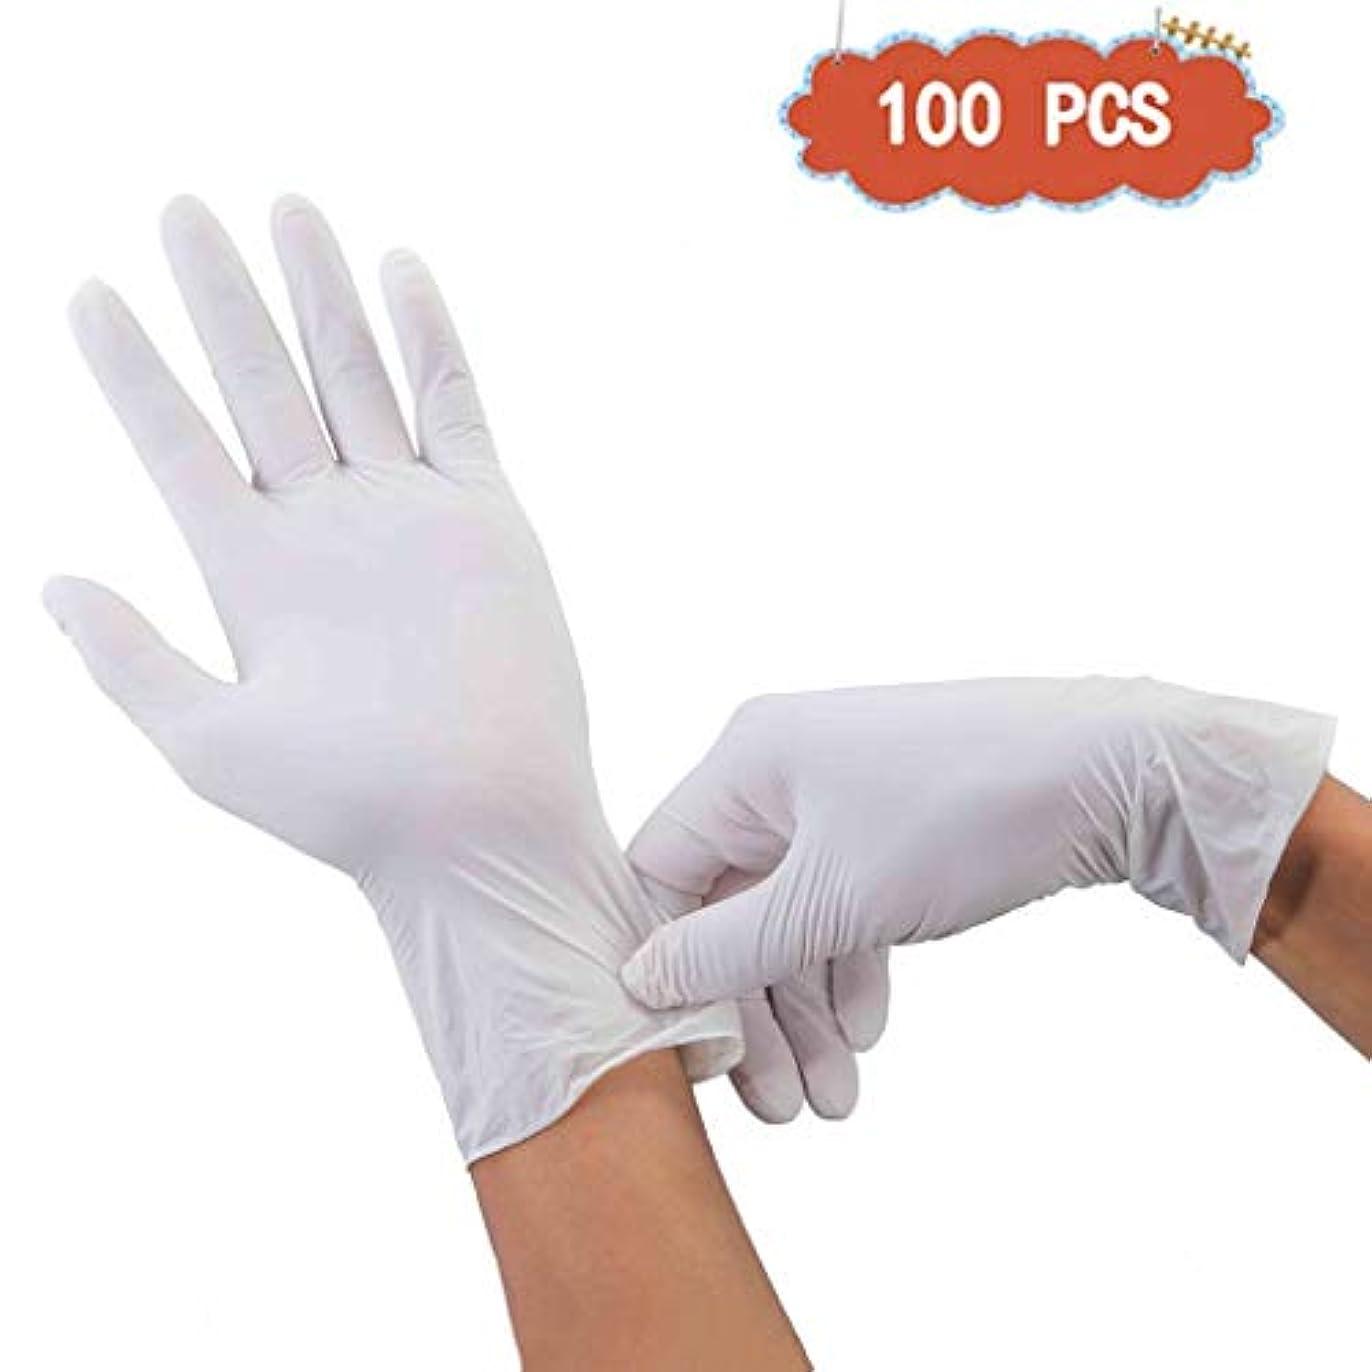 呼吸する明らかにするツールニトリル手袋、白い手袋食品衛生処理医療産業使い捨て手袋ペットケアネイルアート検査保護実験、美容サロンラテックスフリー、、 100個 (Size : S)